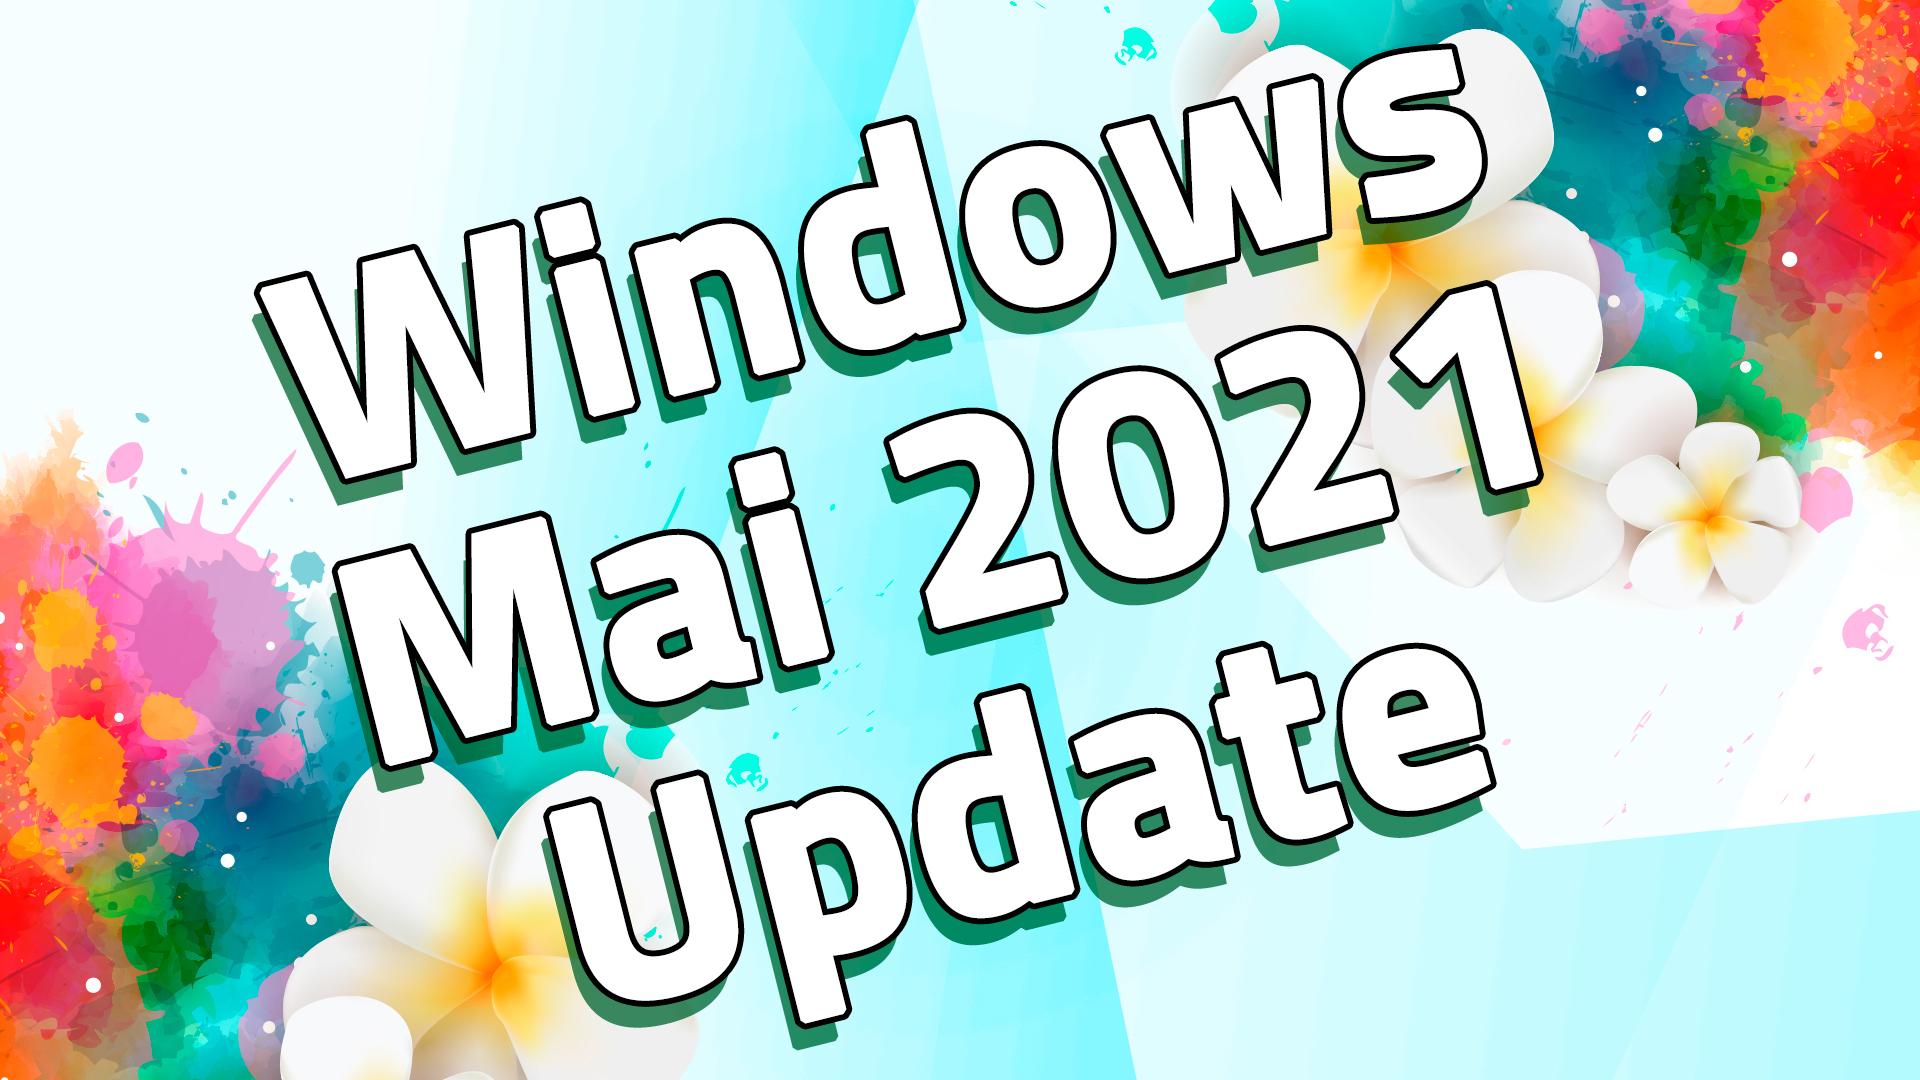 Windows 10, Windows 10 Mai Update, 21H1, Windows 10 21H1, Windows 10 Mai 2021 Update